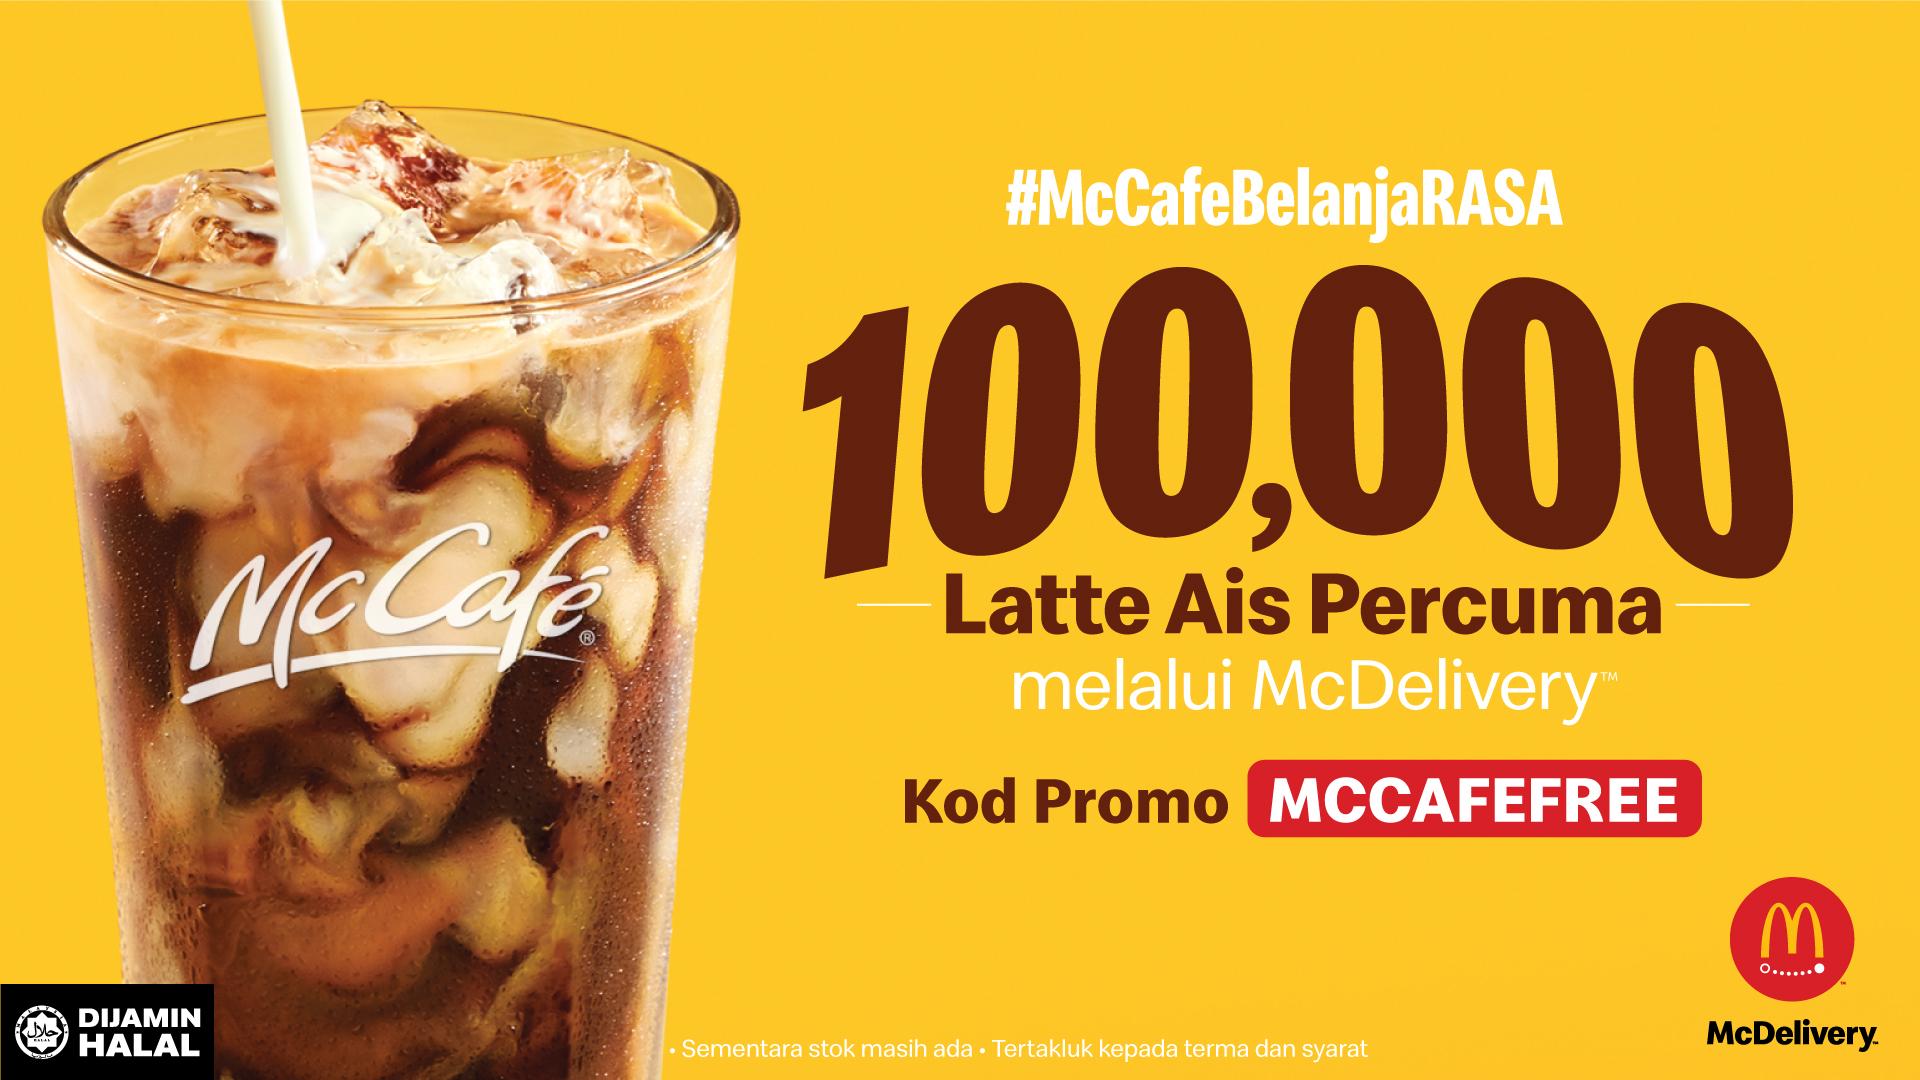 100,000 McCafé Iced Latte Percuma Untuk Rakyat Malaysia  Pada Bulan Oktober Sempena Hari Kopi Antarabangsa